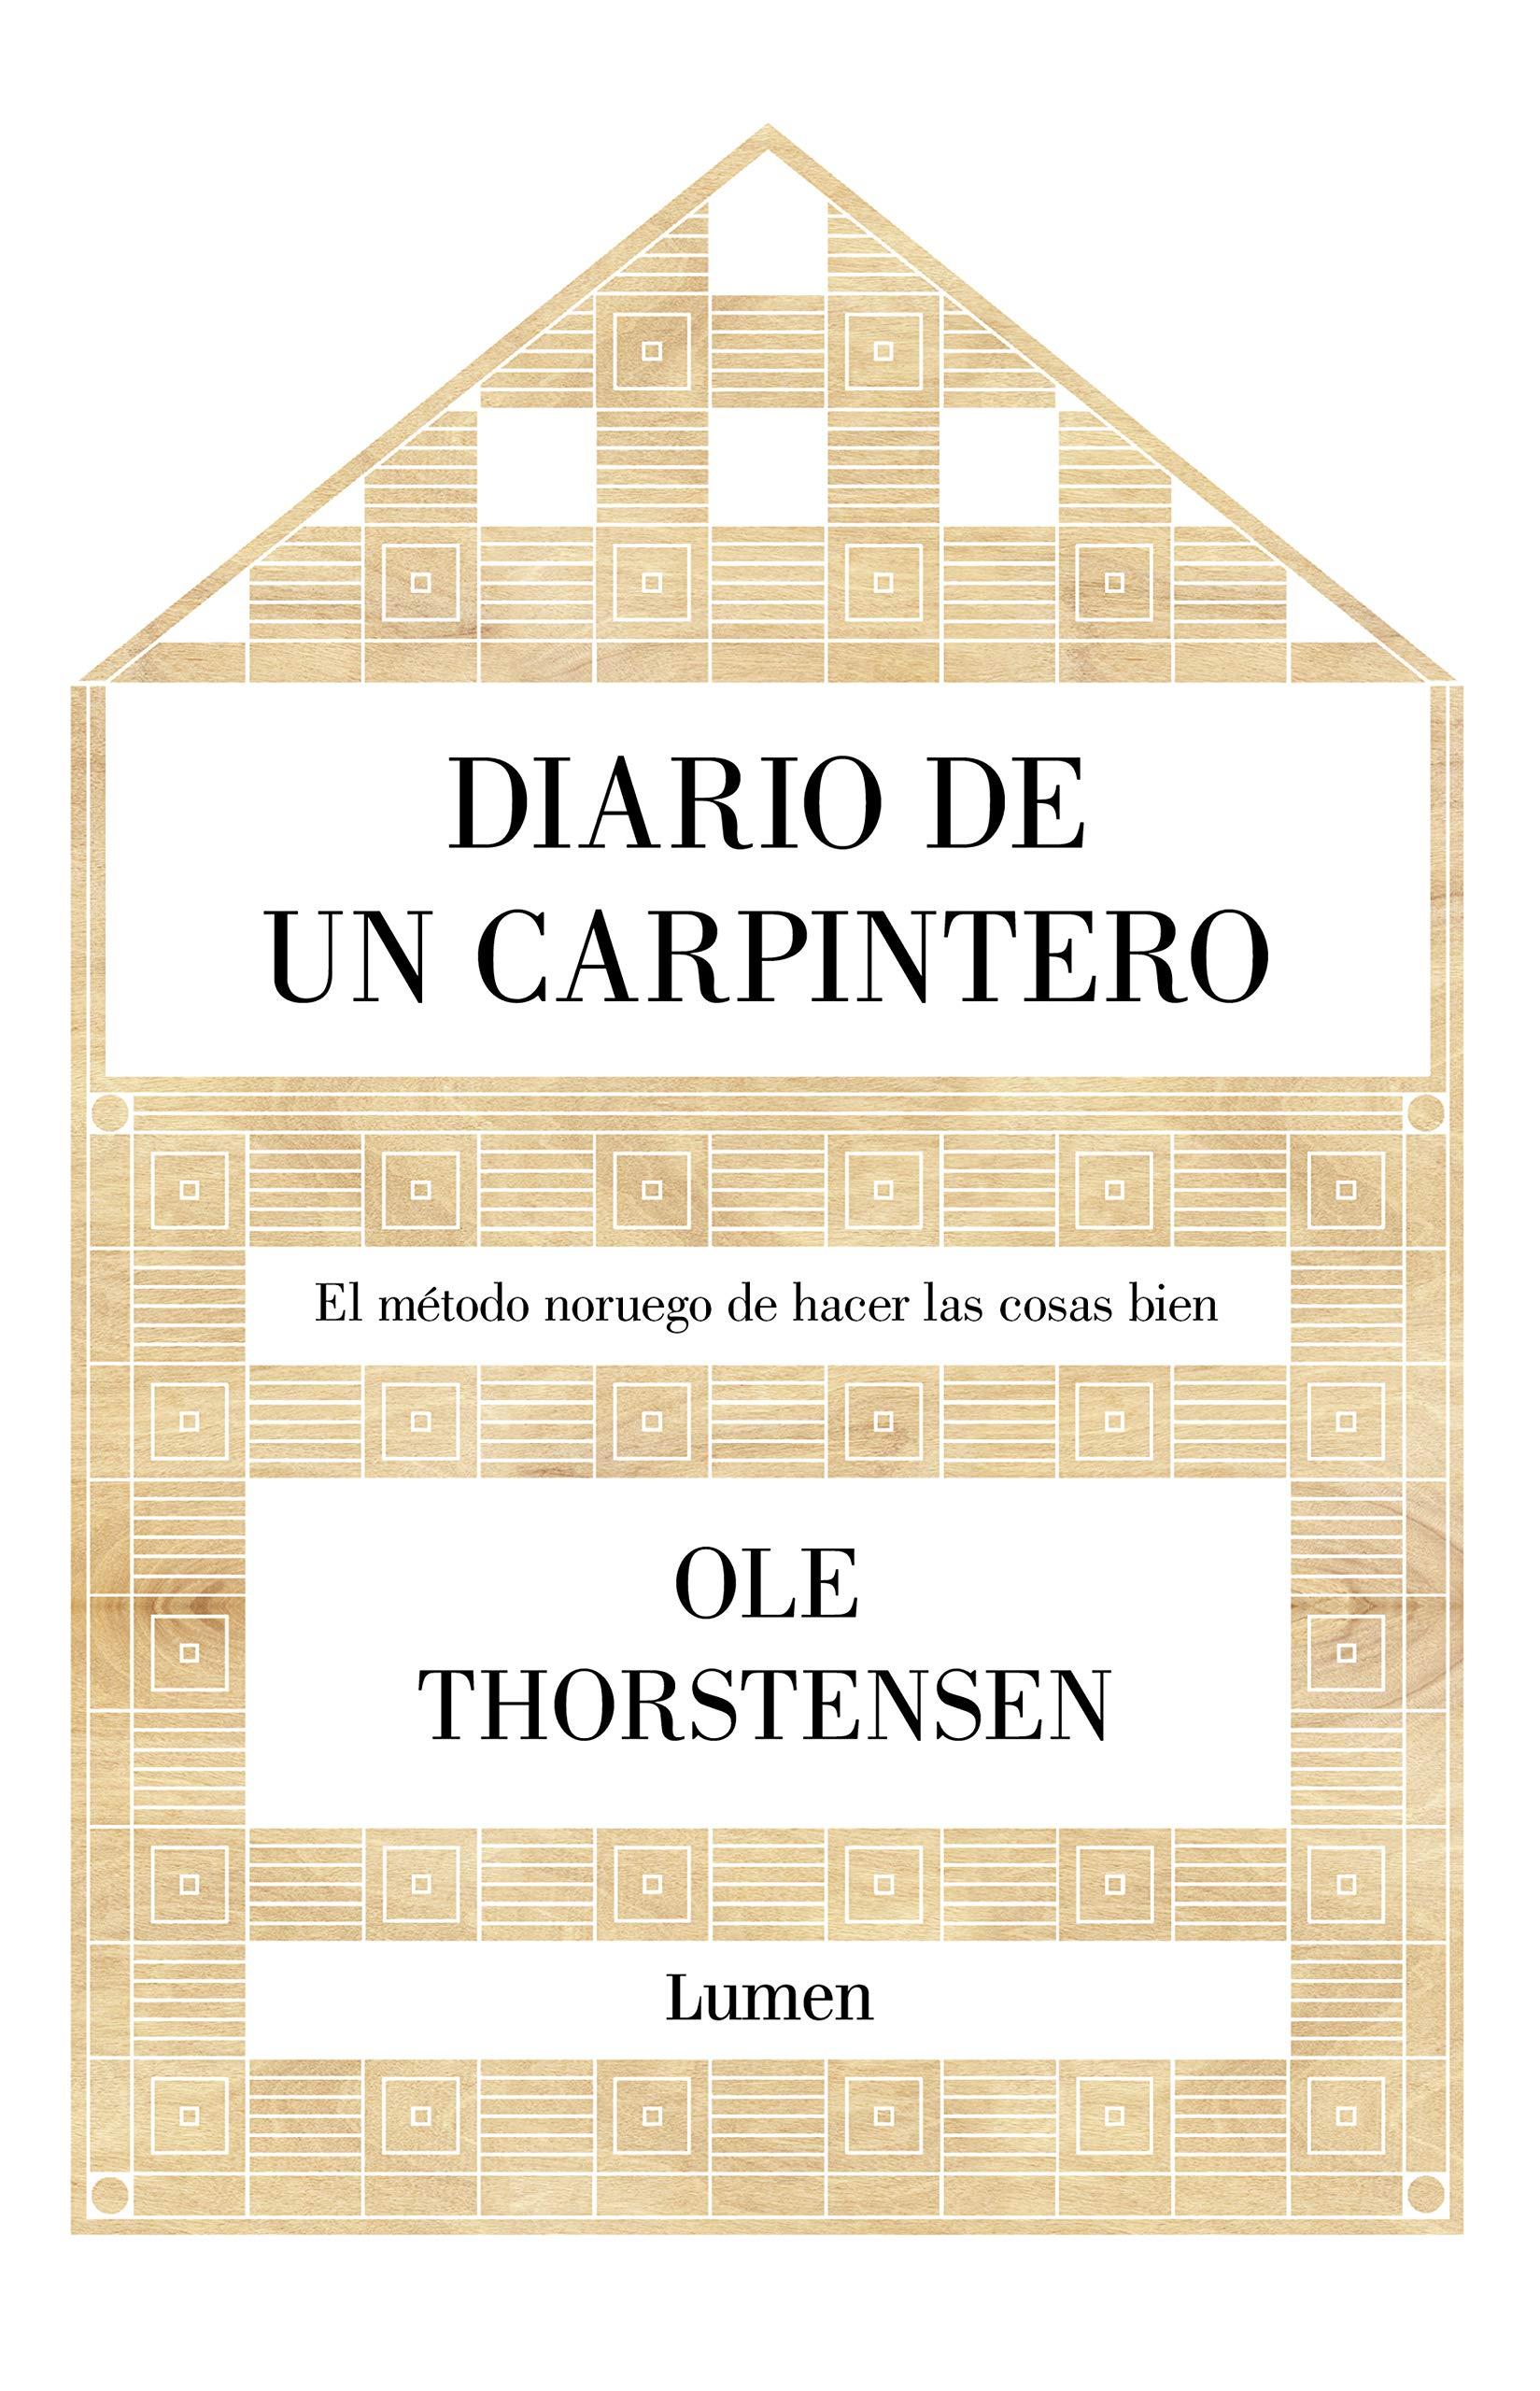 Diario de un carpintero: El método noruego de hacer las cosas bien